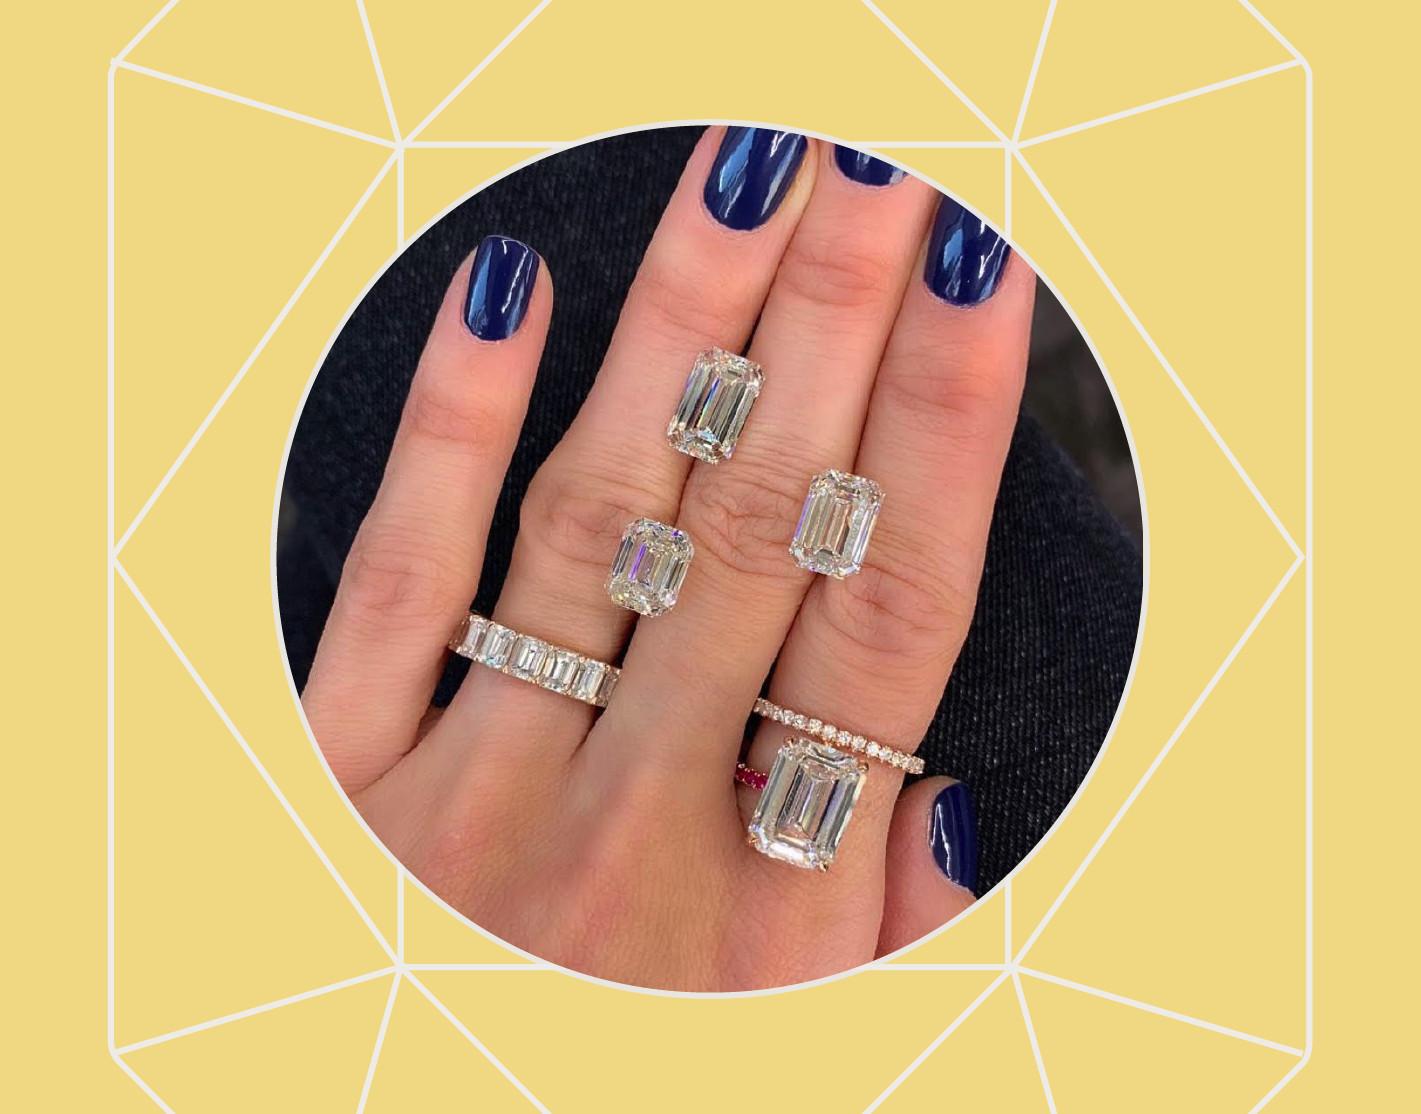 斯蒂芬妮·戈特利布设计的天然钻石订婚戒指